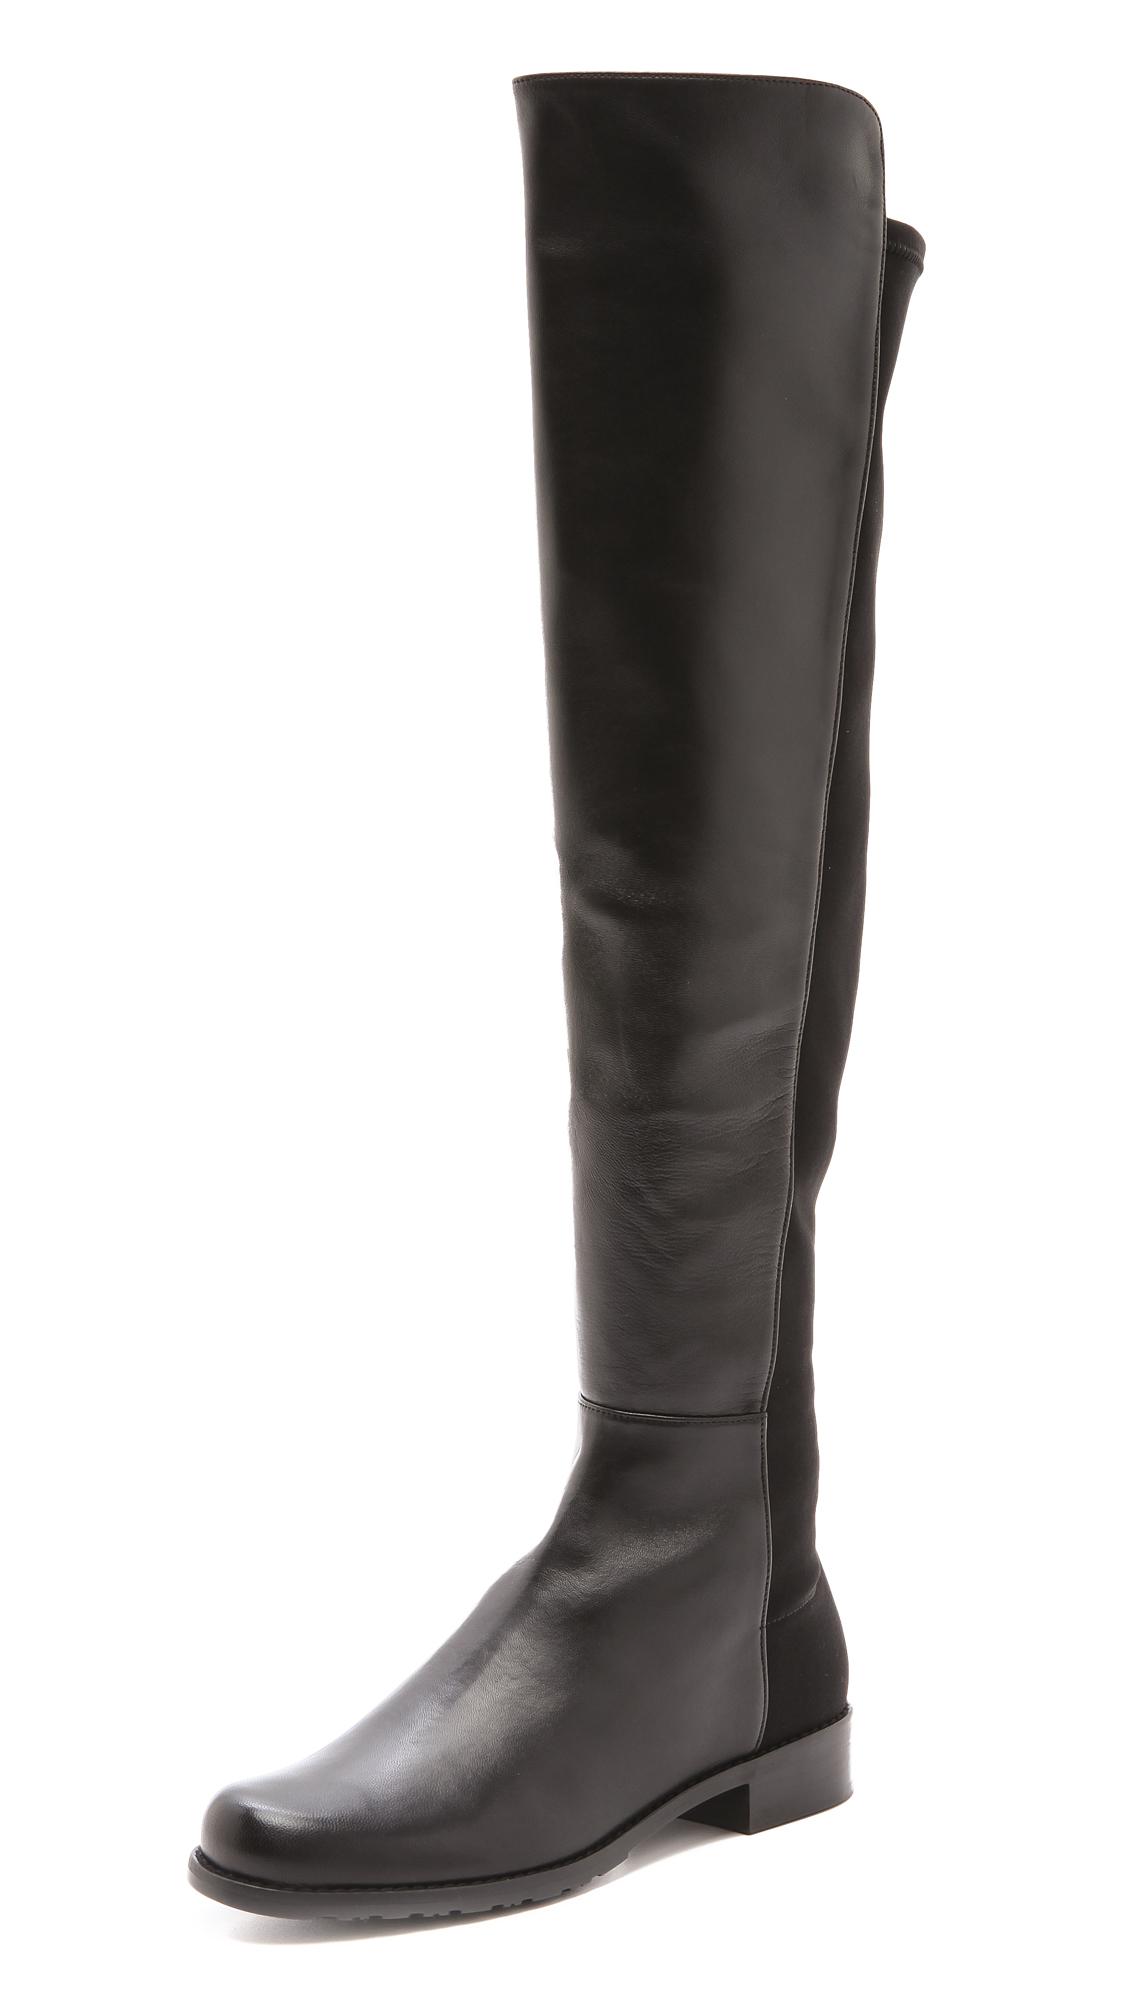 1128x2000 Stuart Weitzman Womens Shoes 5050 Flat Boots A Tonal Panel Of Soft